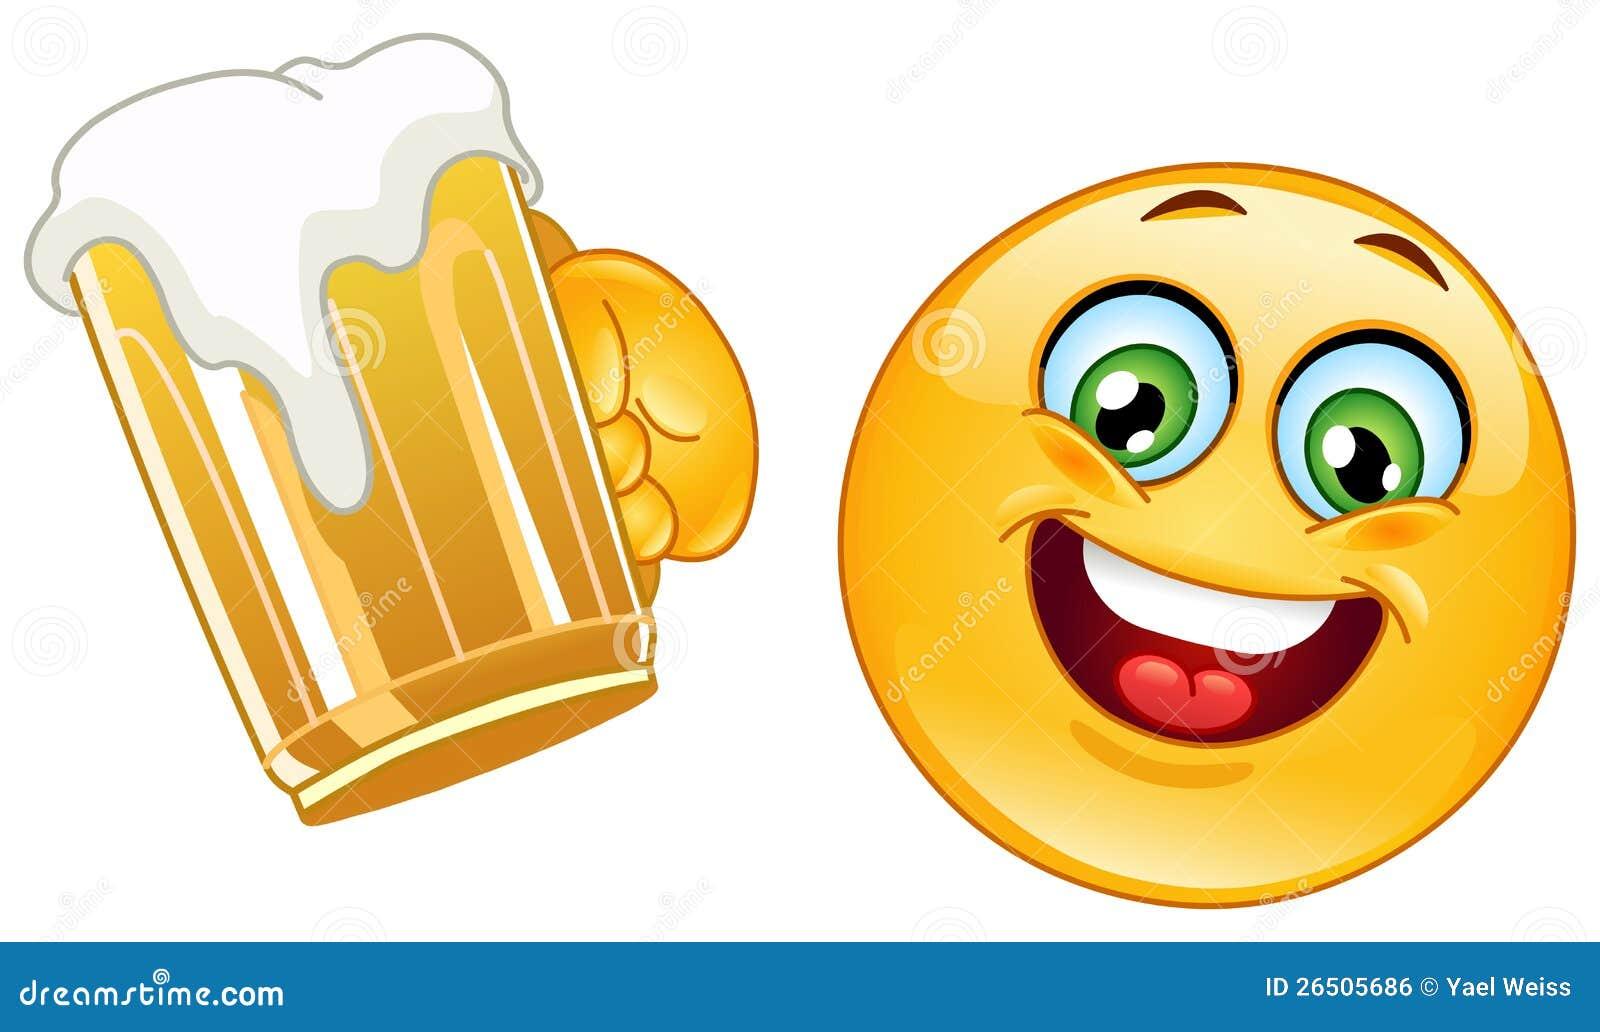 Emoticon mit Bier